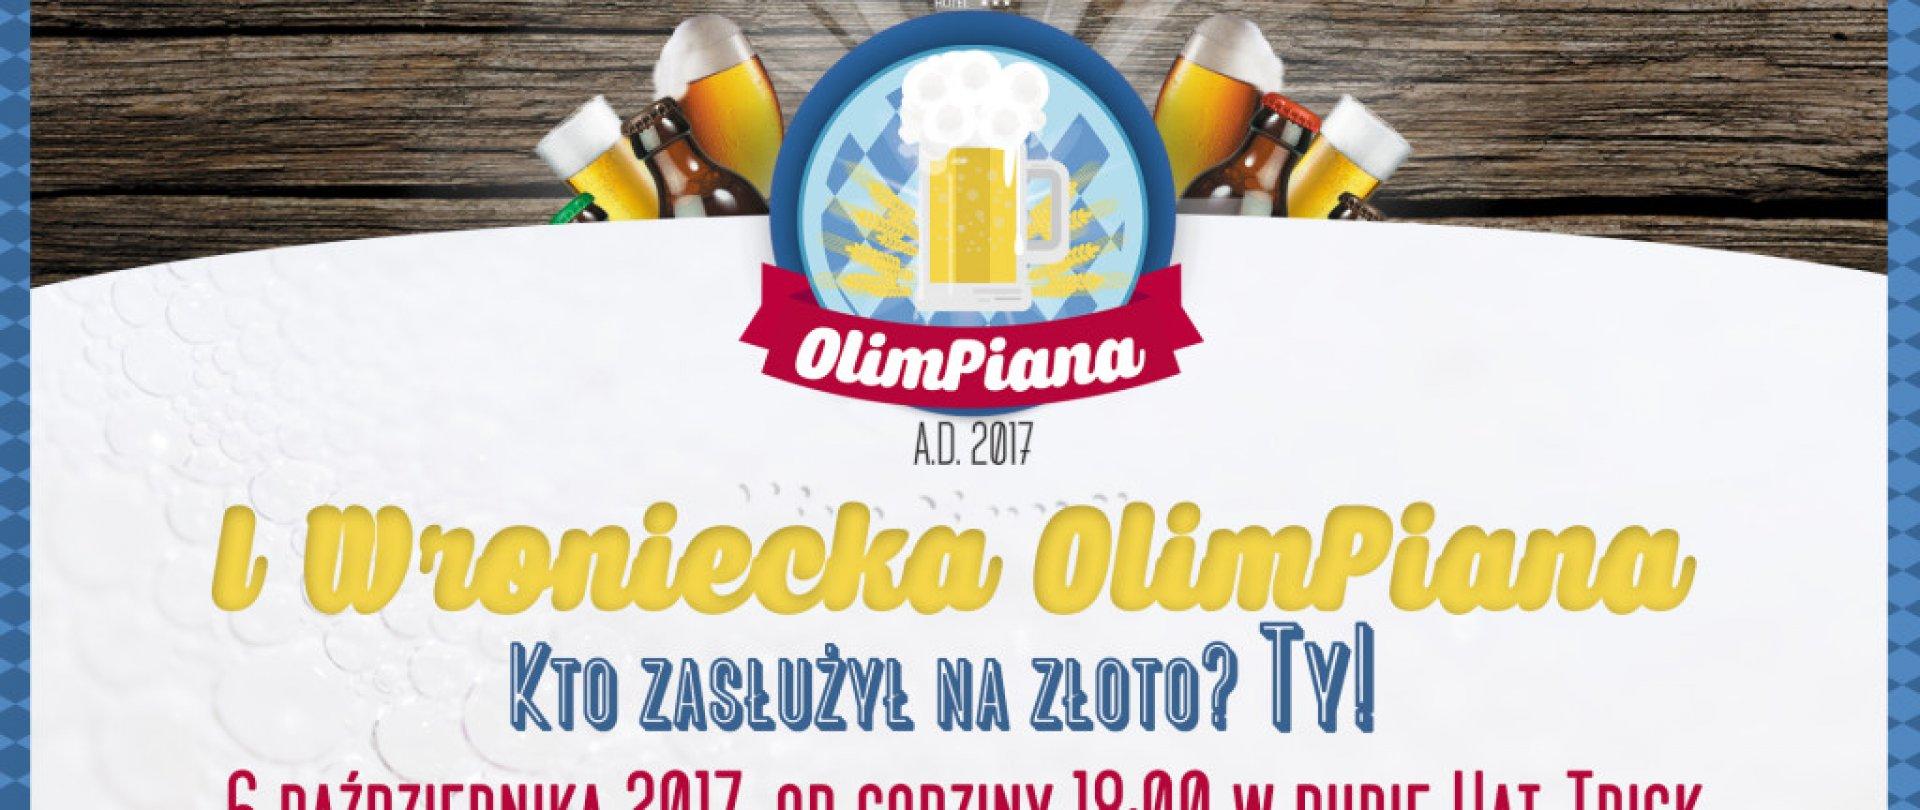 Regionalne piwa w hotelu Olympic